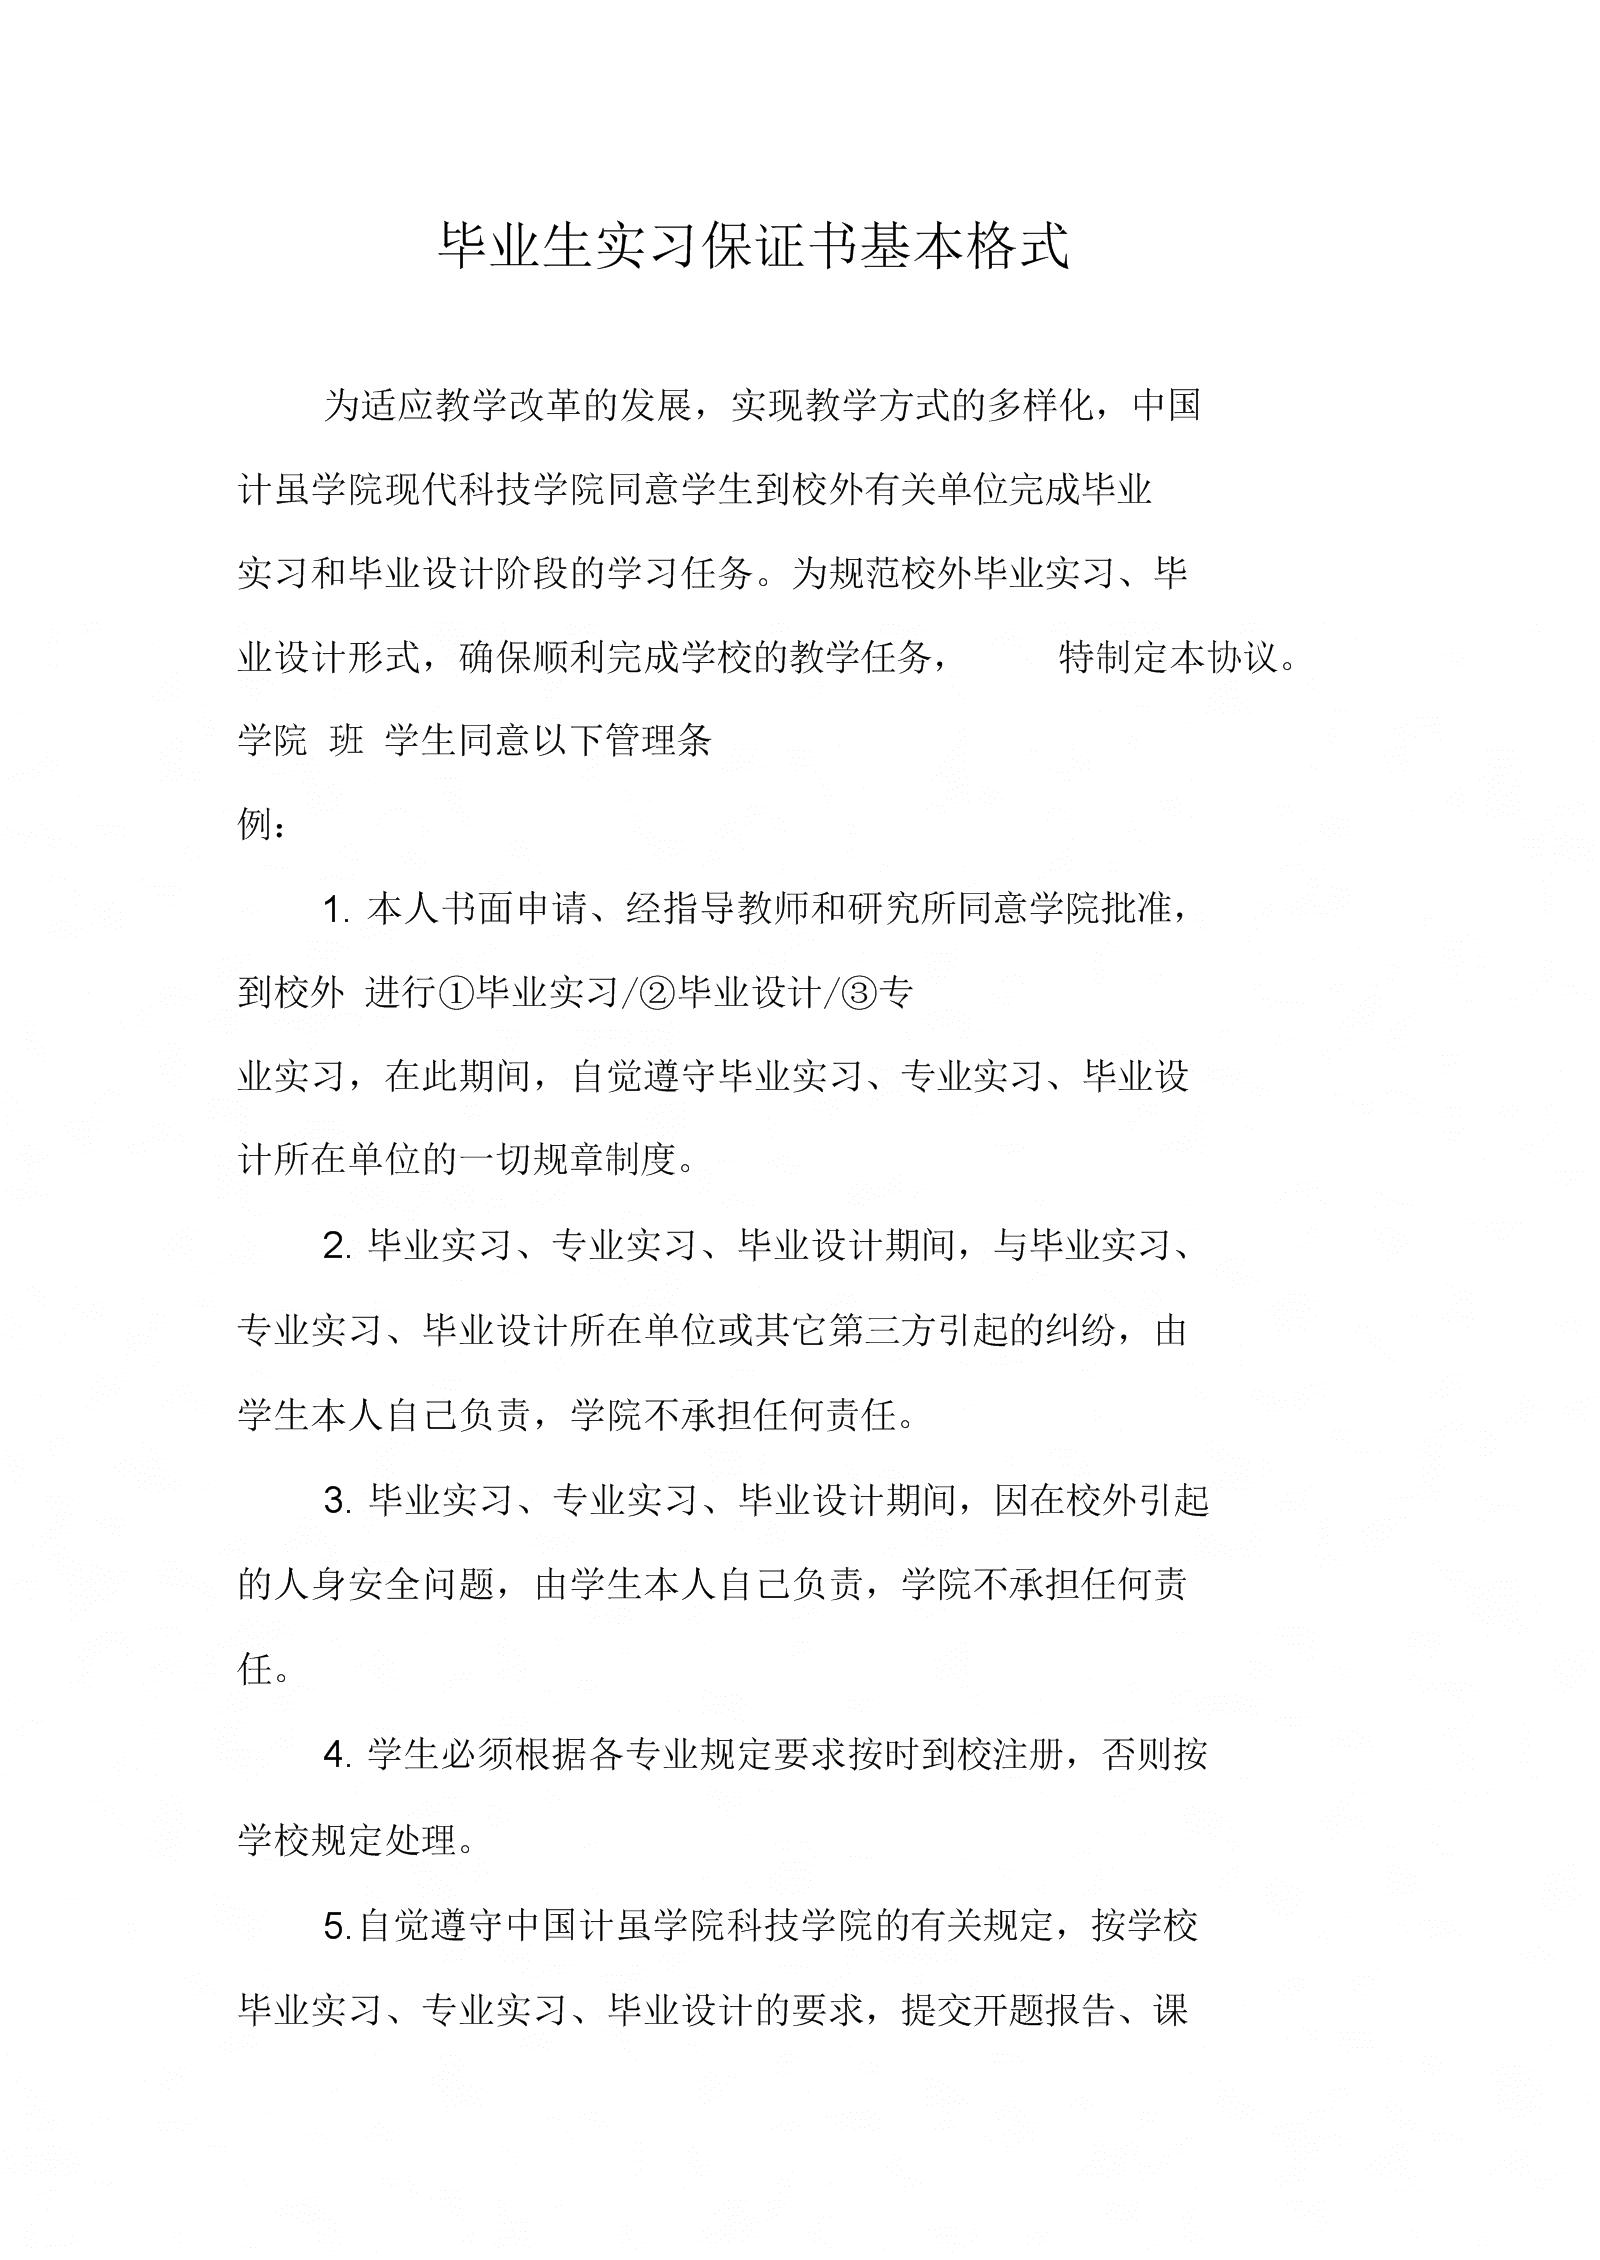 《毕业生实习保证书基本格式》.docx